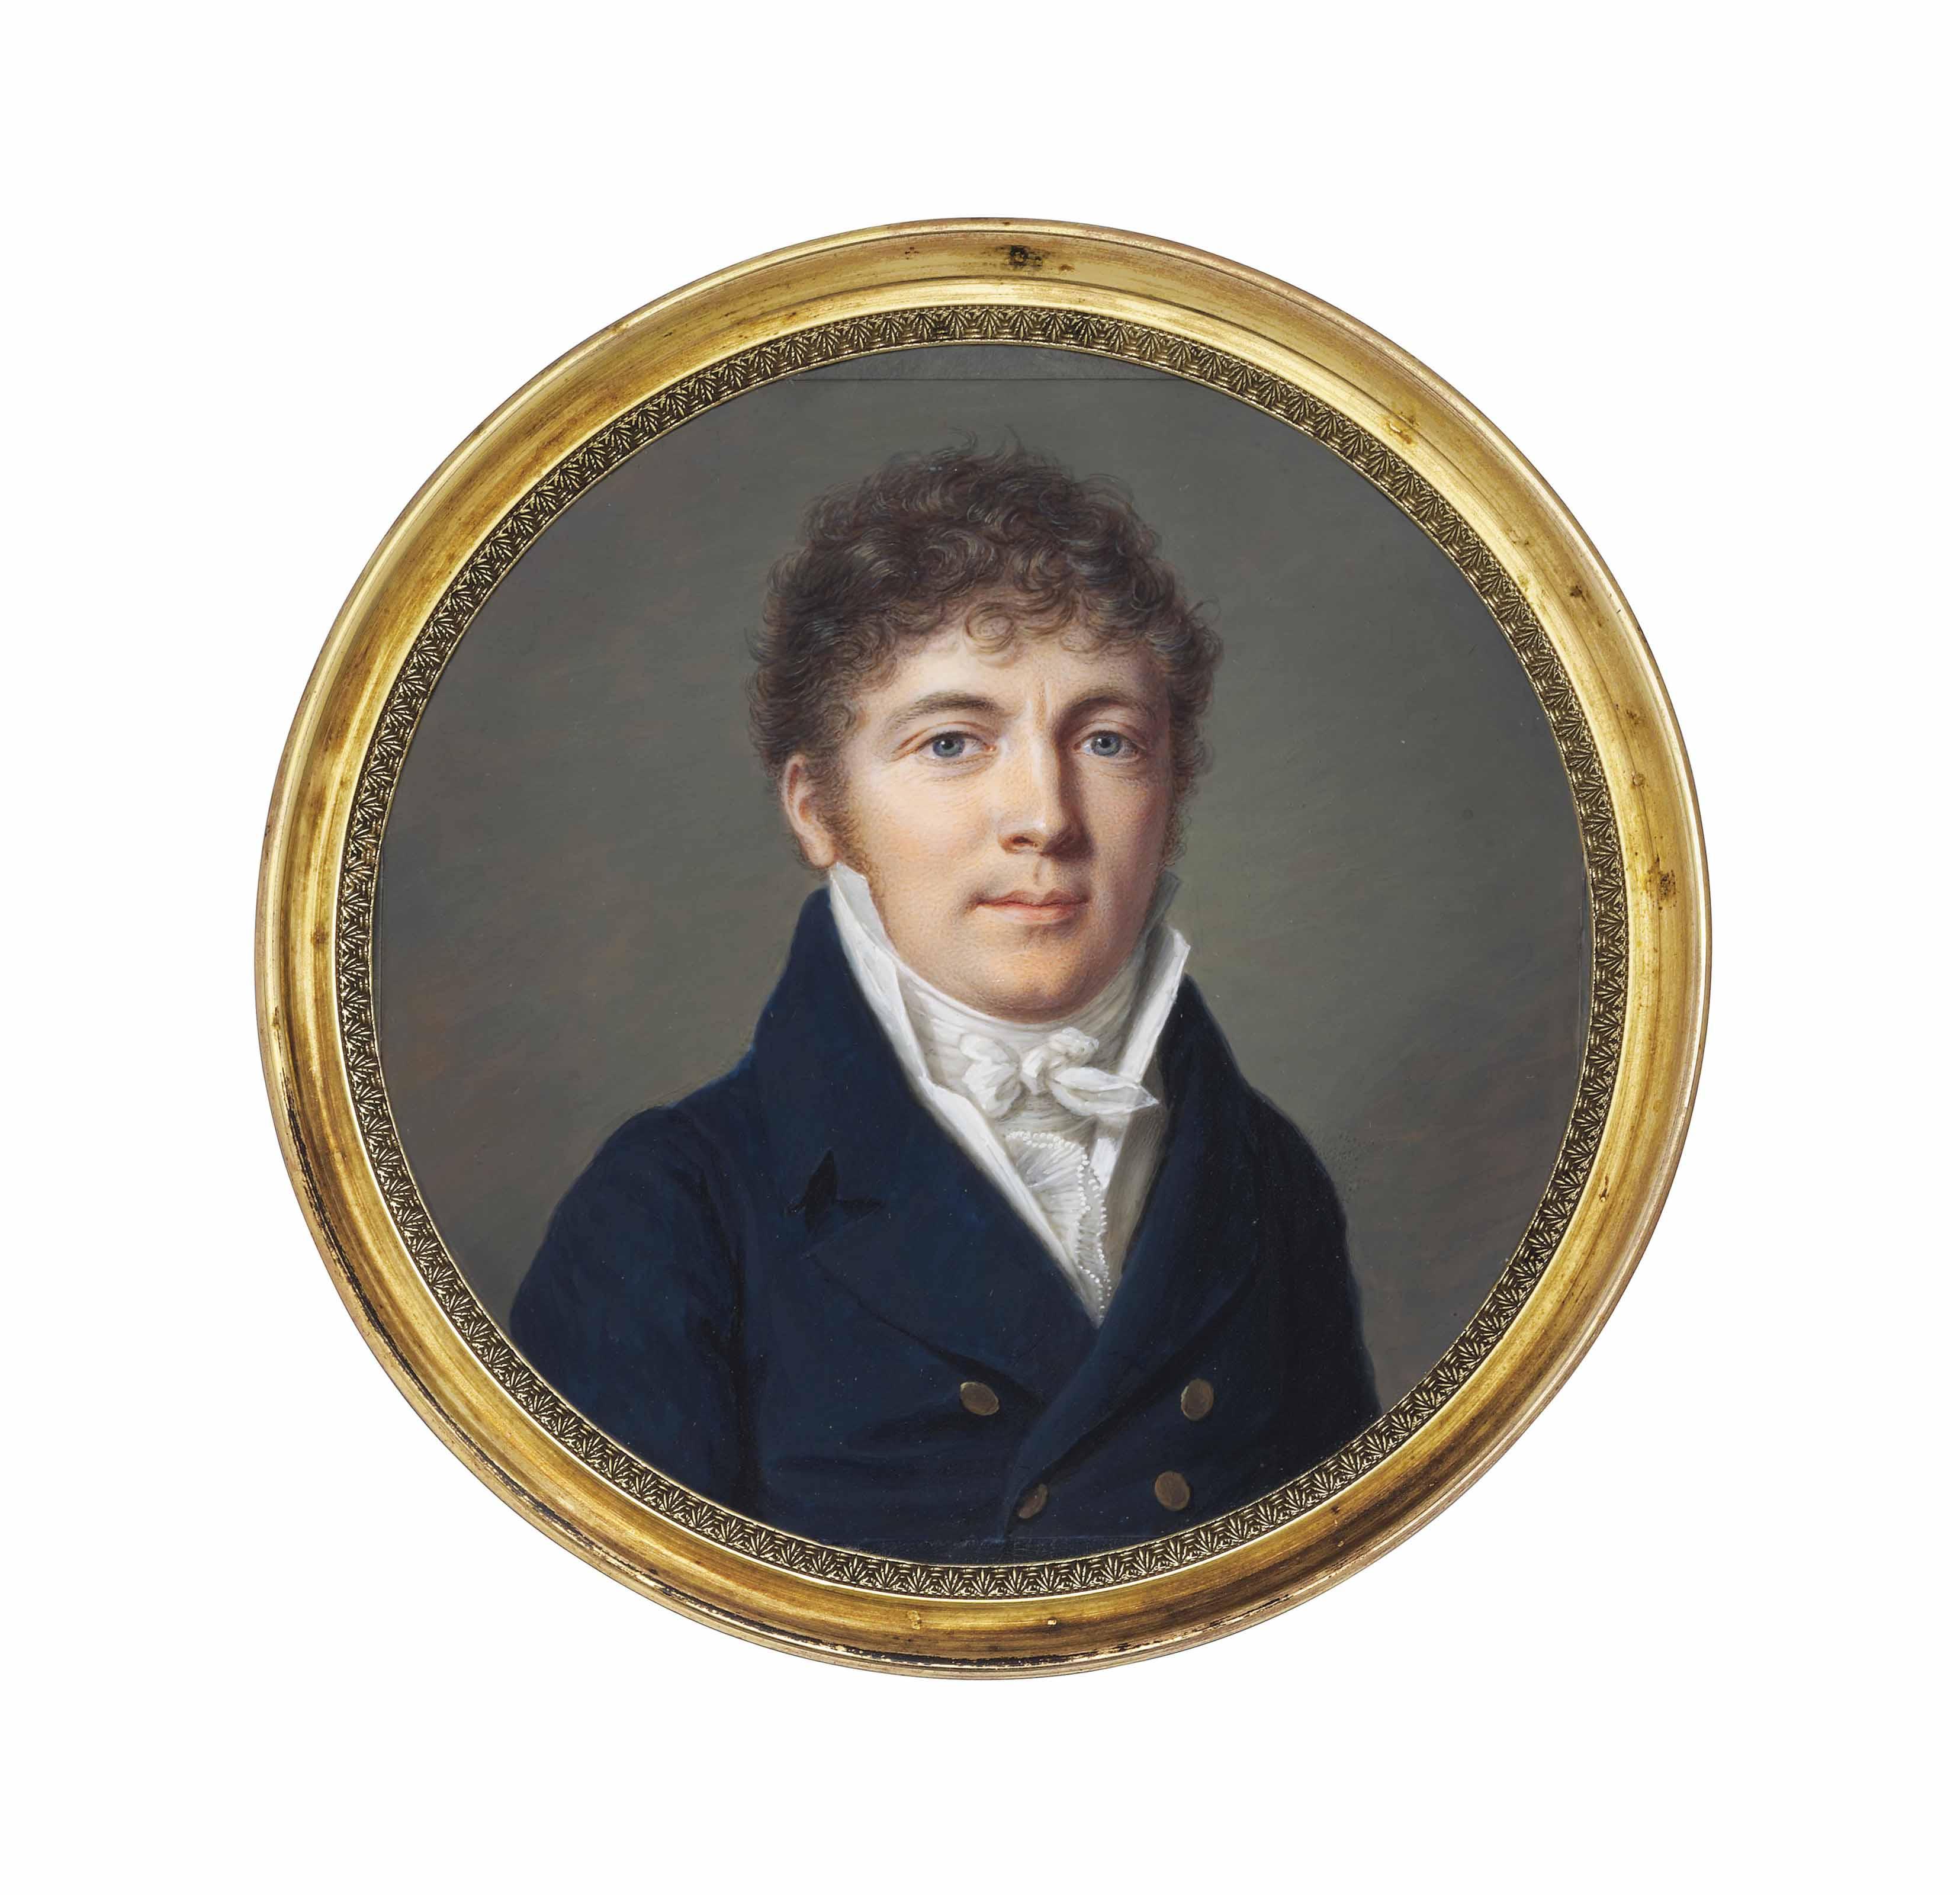 PIERRE-LOUIS BOUVIER (SWISS, 1765-1836)